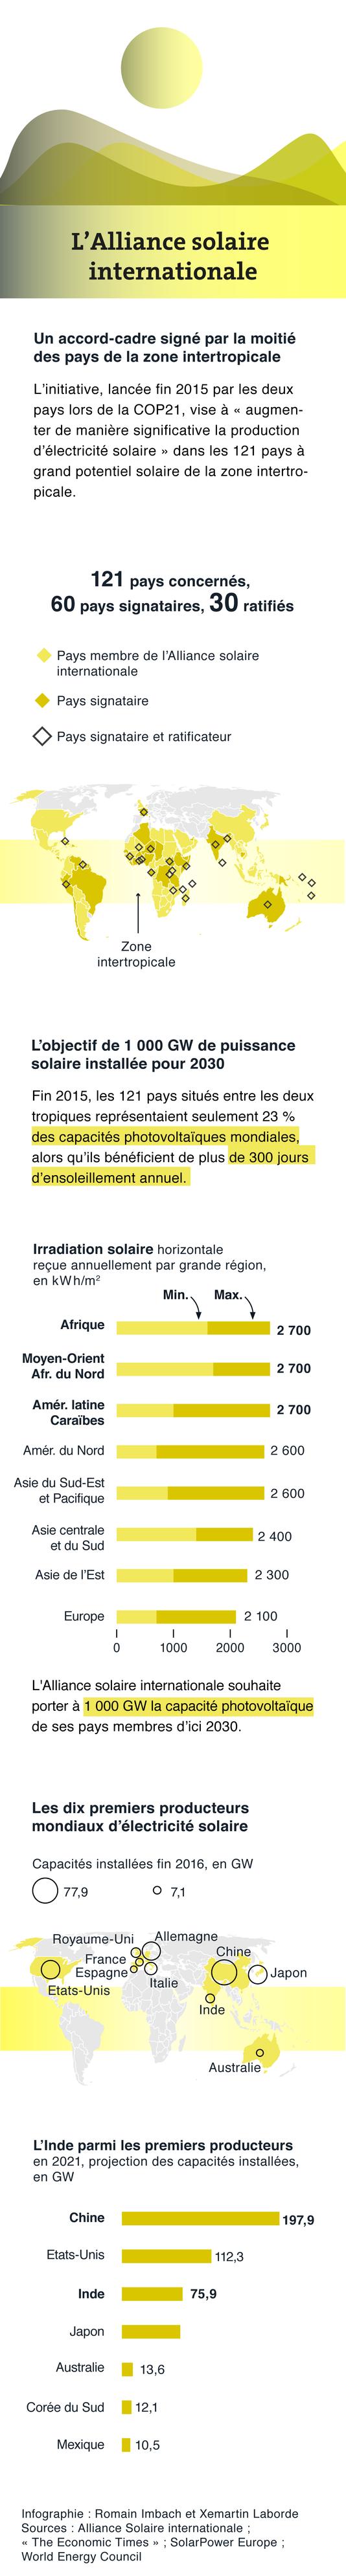 Les pays signataires de l'Alliance solaire internationale.